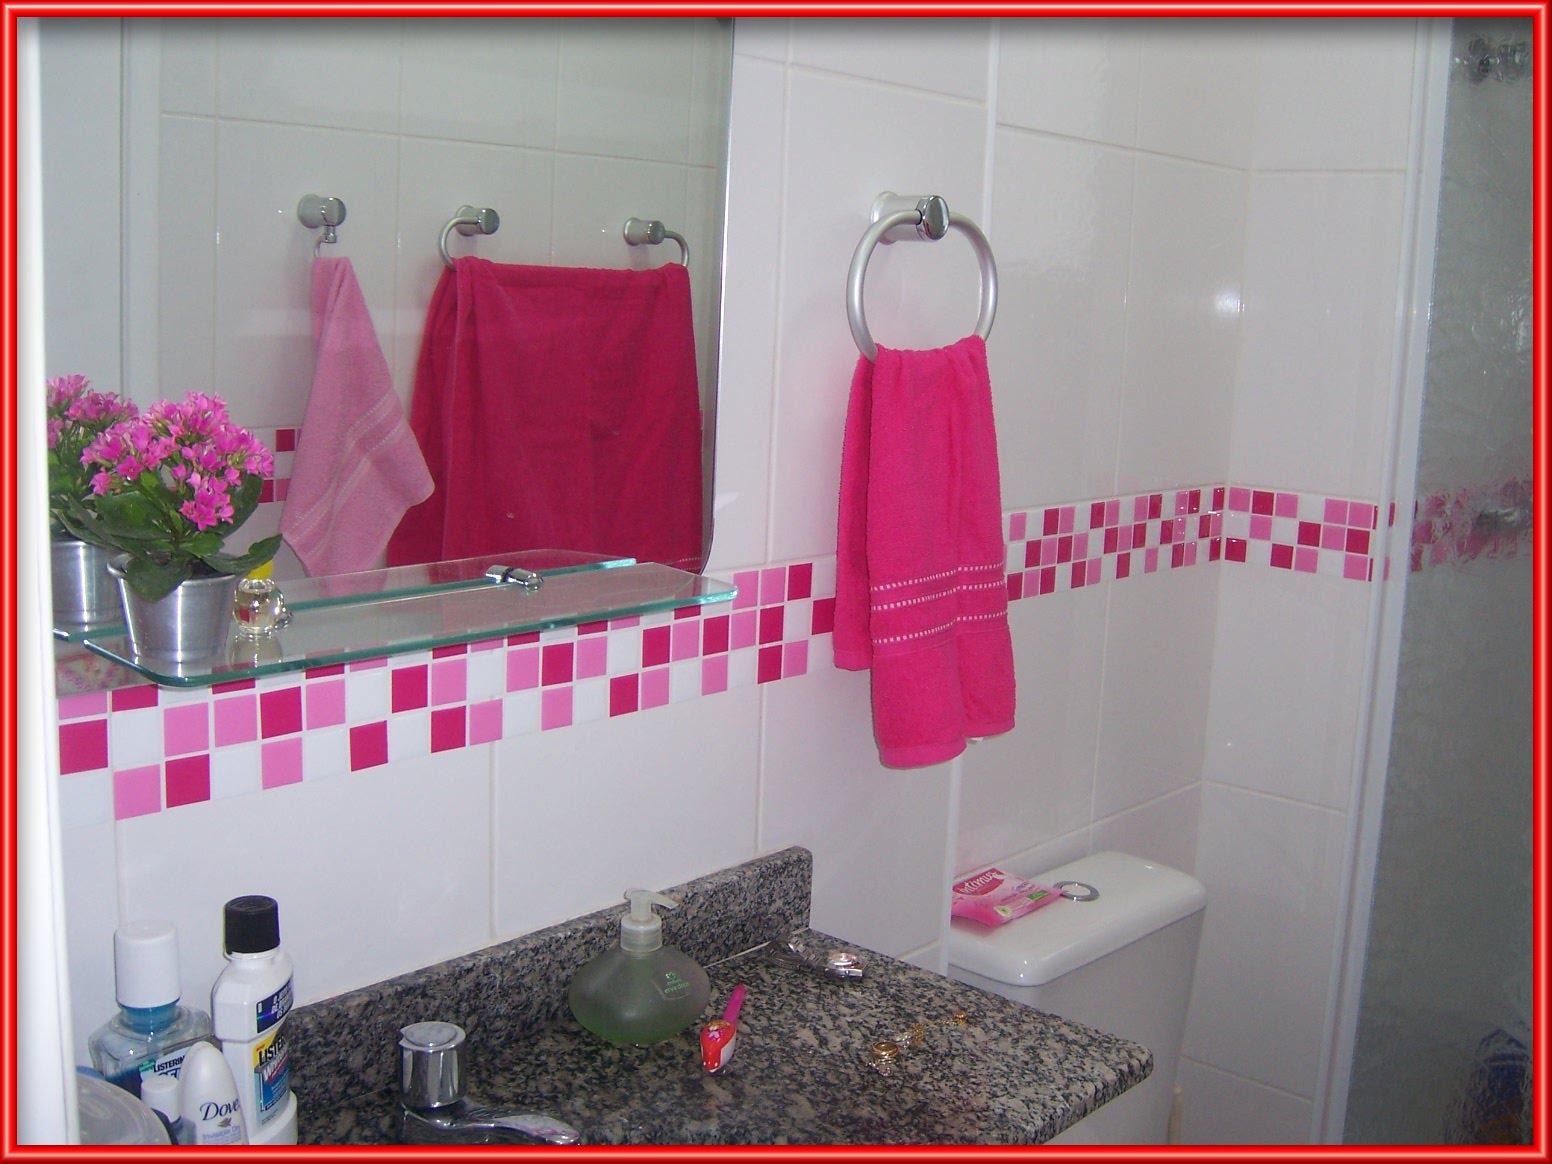 Pastilhas de banheiro Falk Art e Decoração #B91214 1552 1164